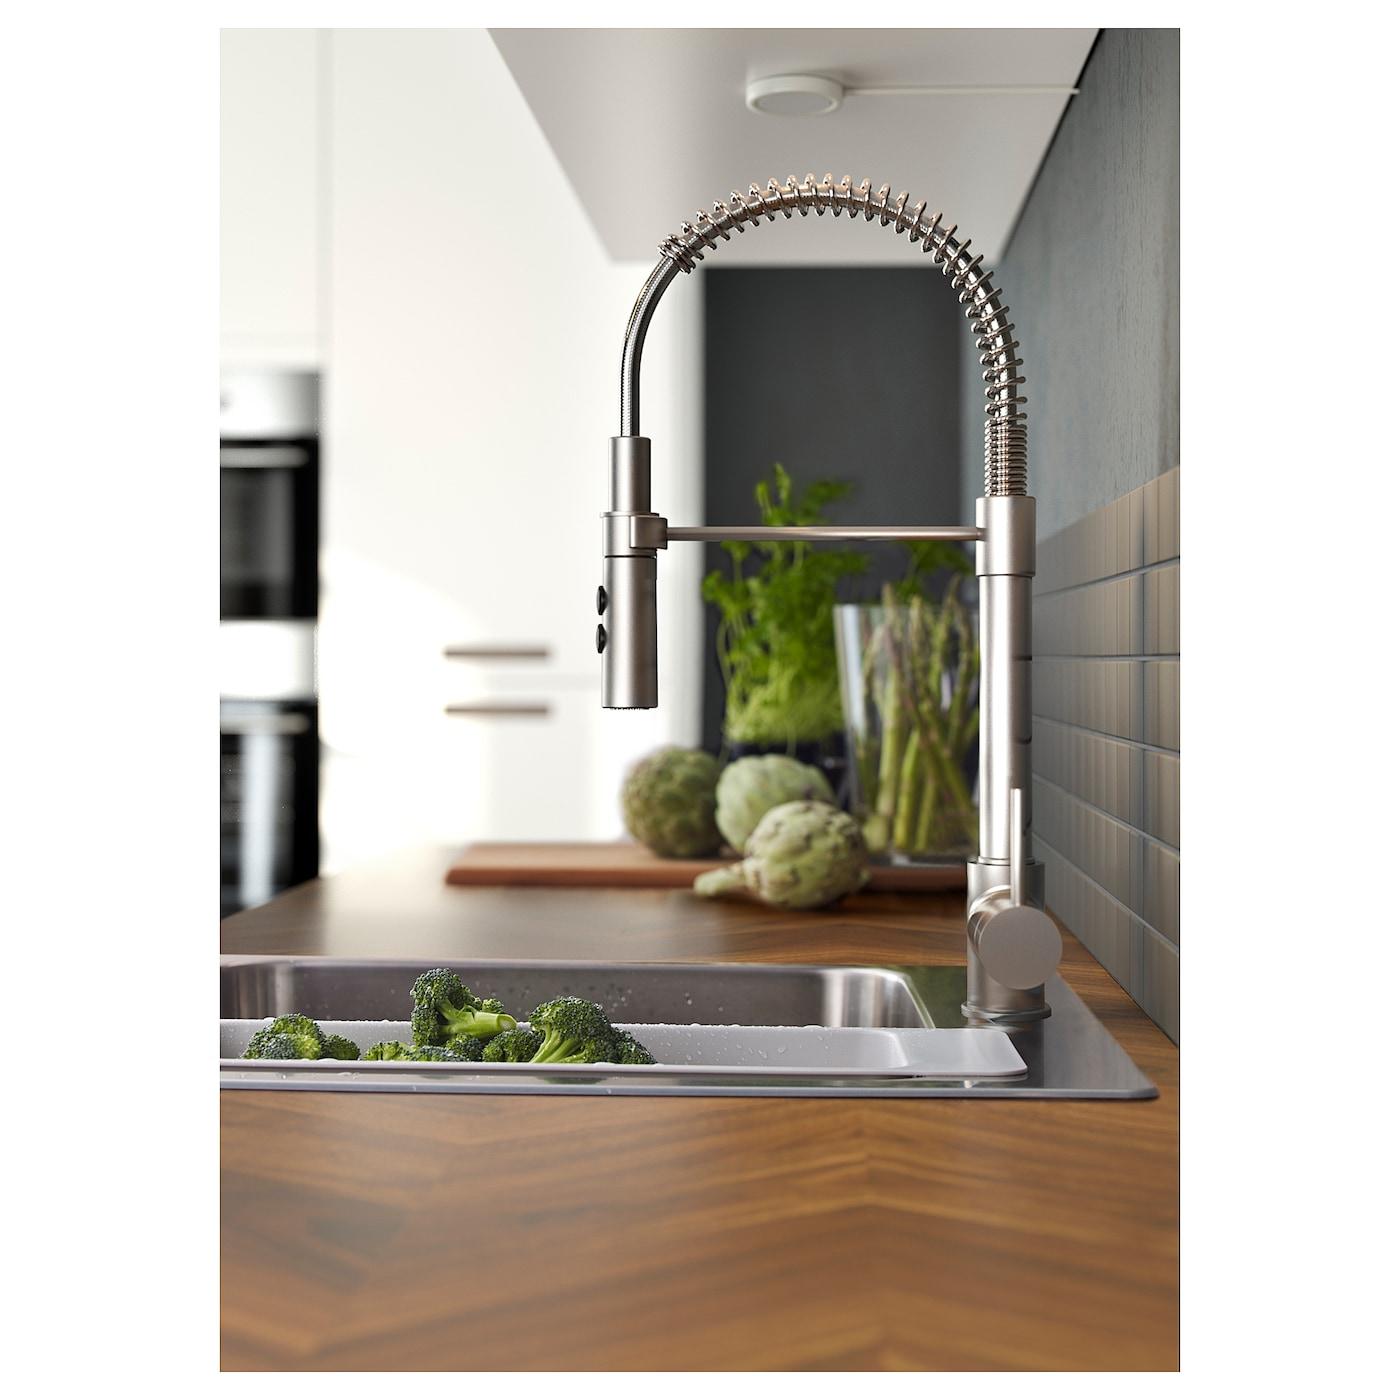 VIMMERN خلاط ماء للمطبخ مع رشاش, لون الستانليس ستيل.